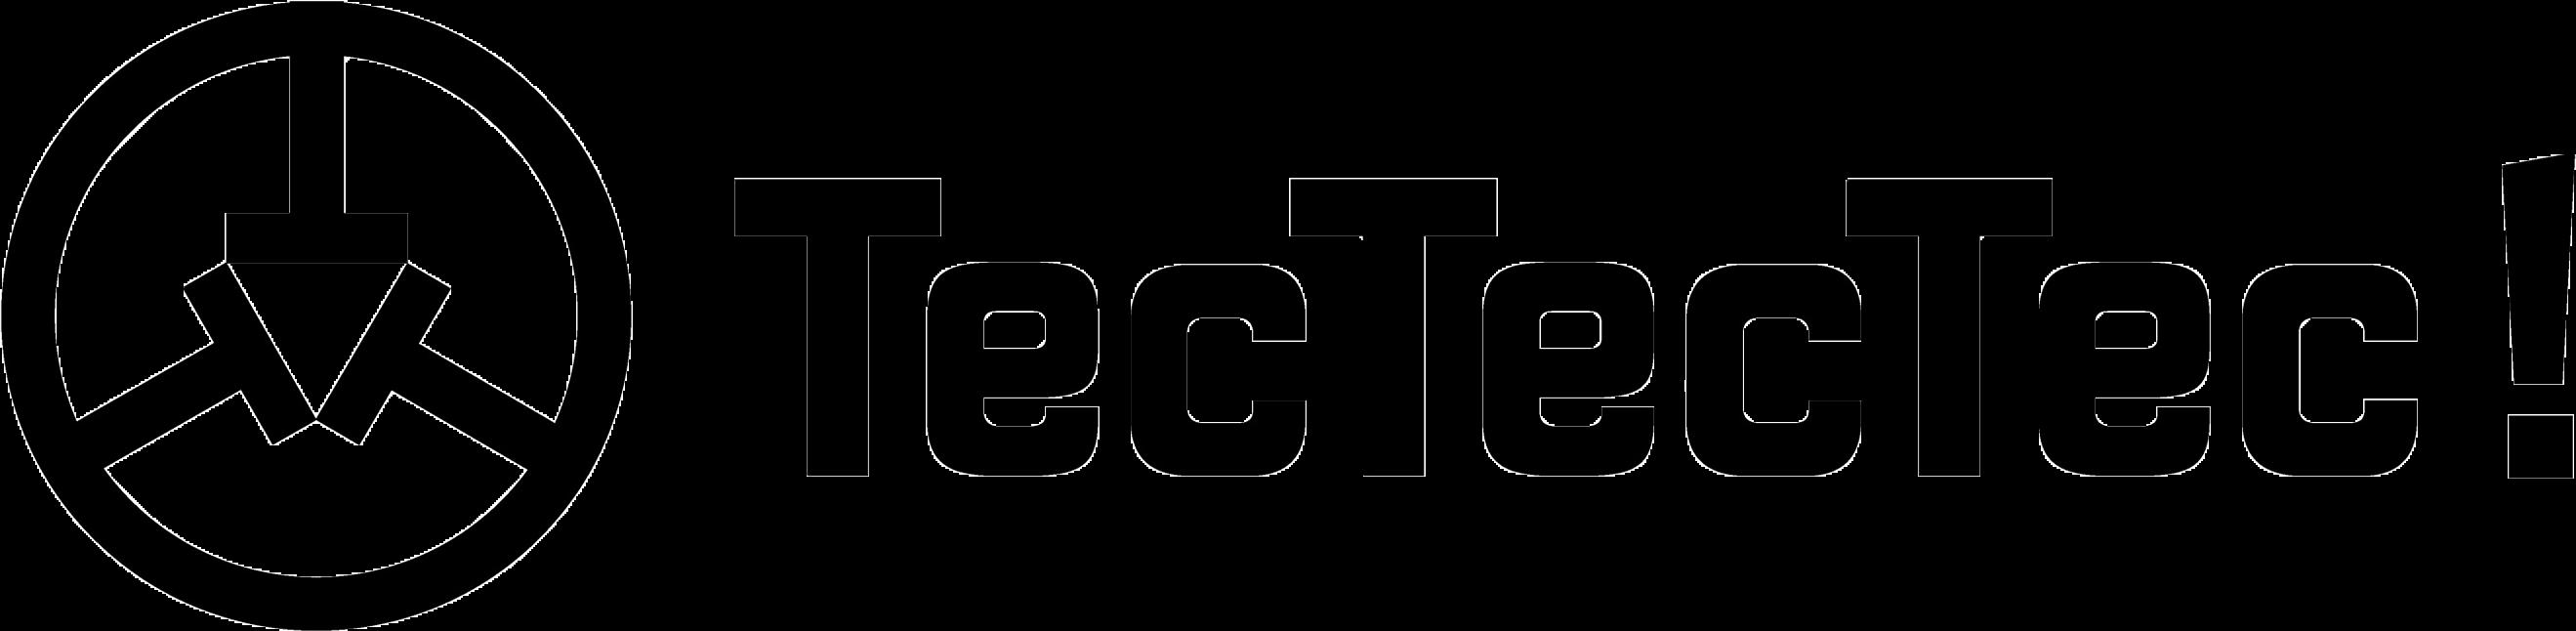 TecTecTec USA